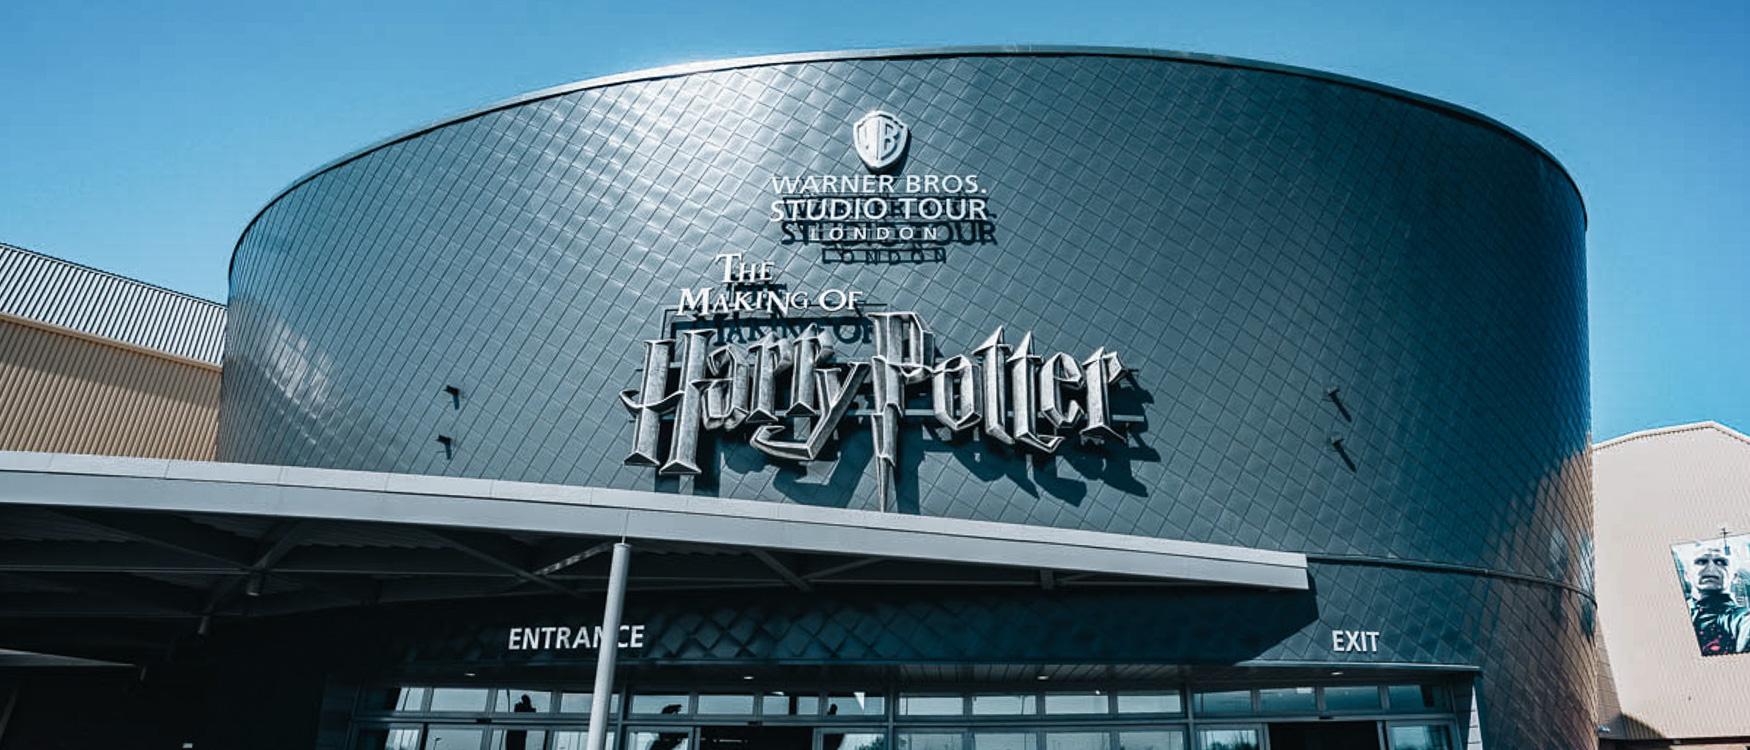 Harry Potter Studio Tour London: Tipps und Erfahrungsbericht unseres Besuchs